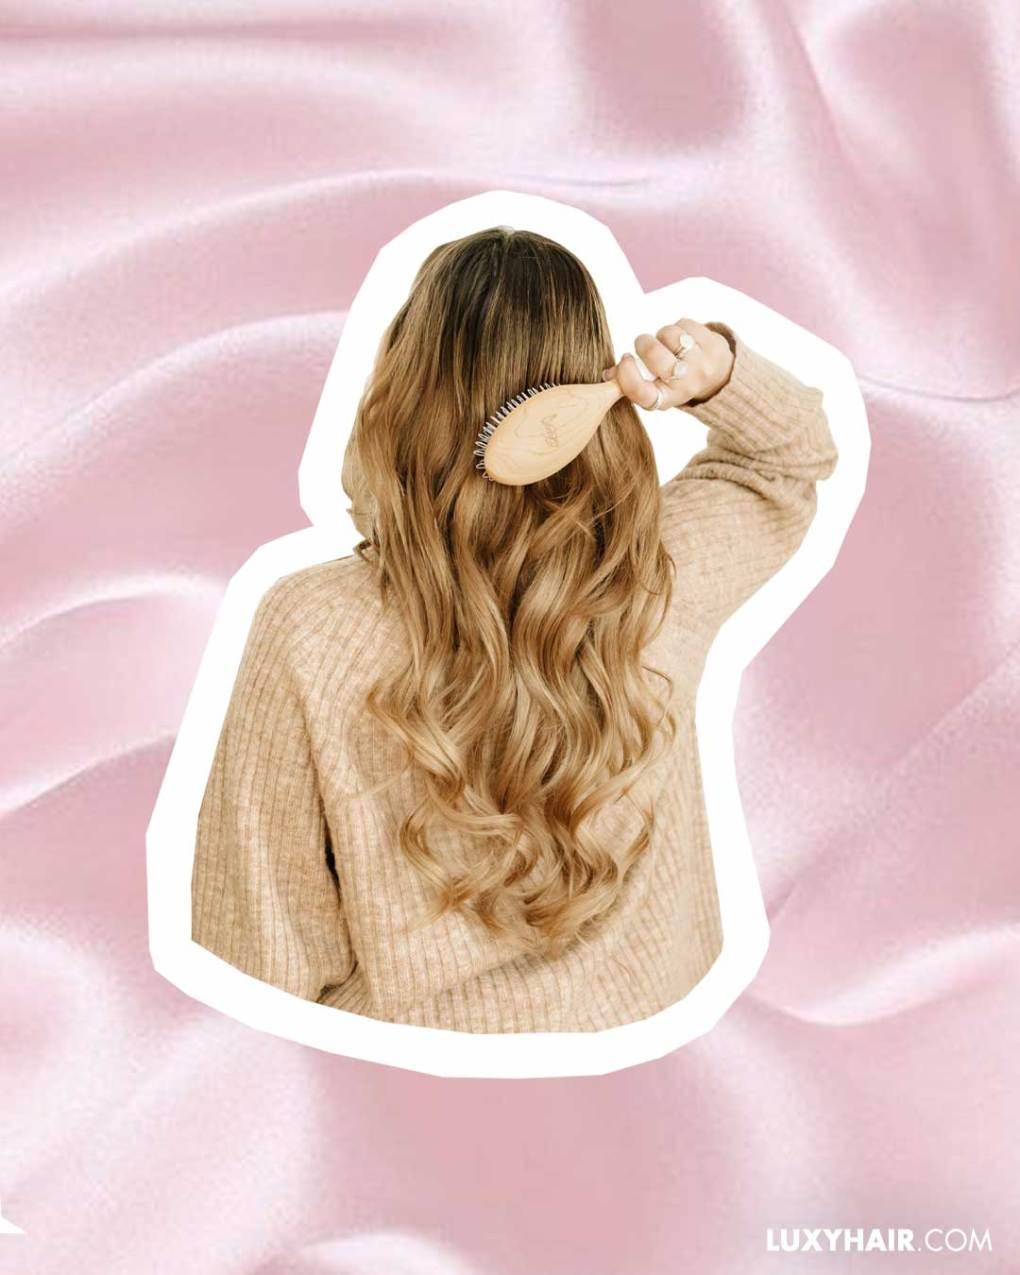 Hair advent calendar